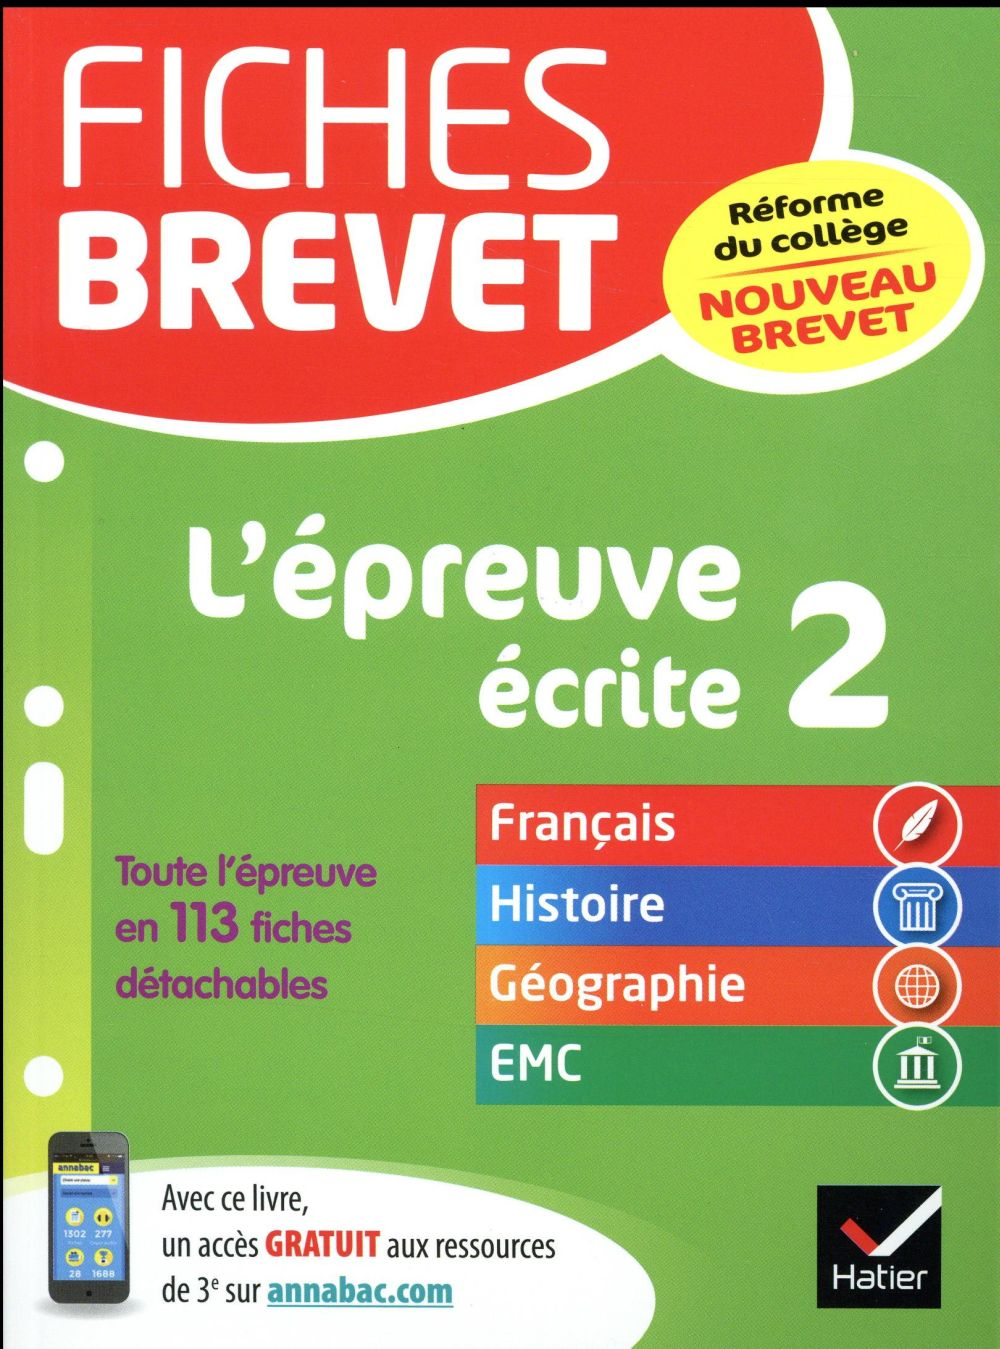 FICHES BREVET L'EPREUVE ECRITE 2 - FICHES DE REVISION EN FRANCAIS, HISTOIRE-GEOGRAPHIE, EMC